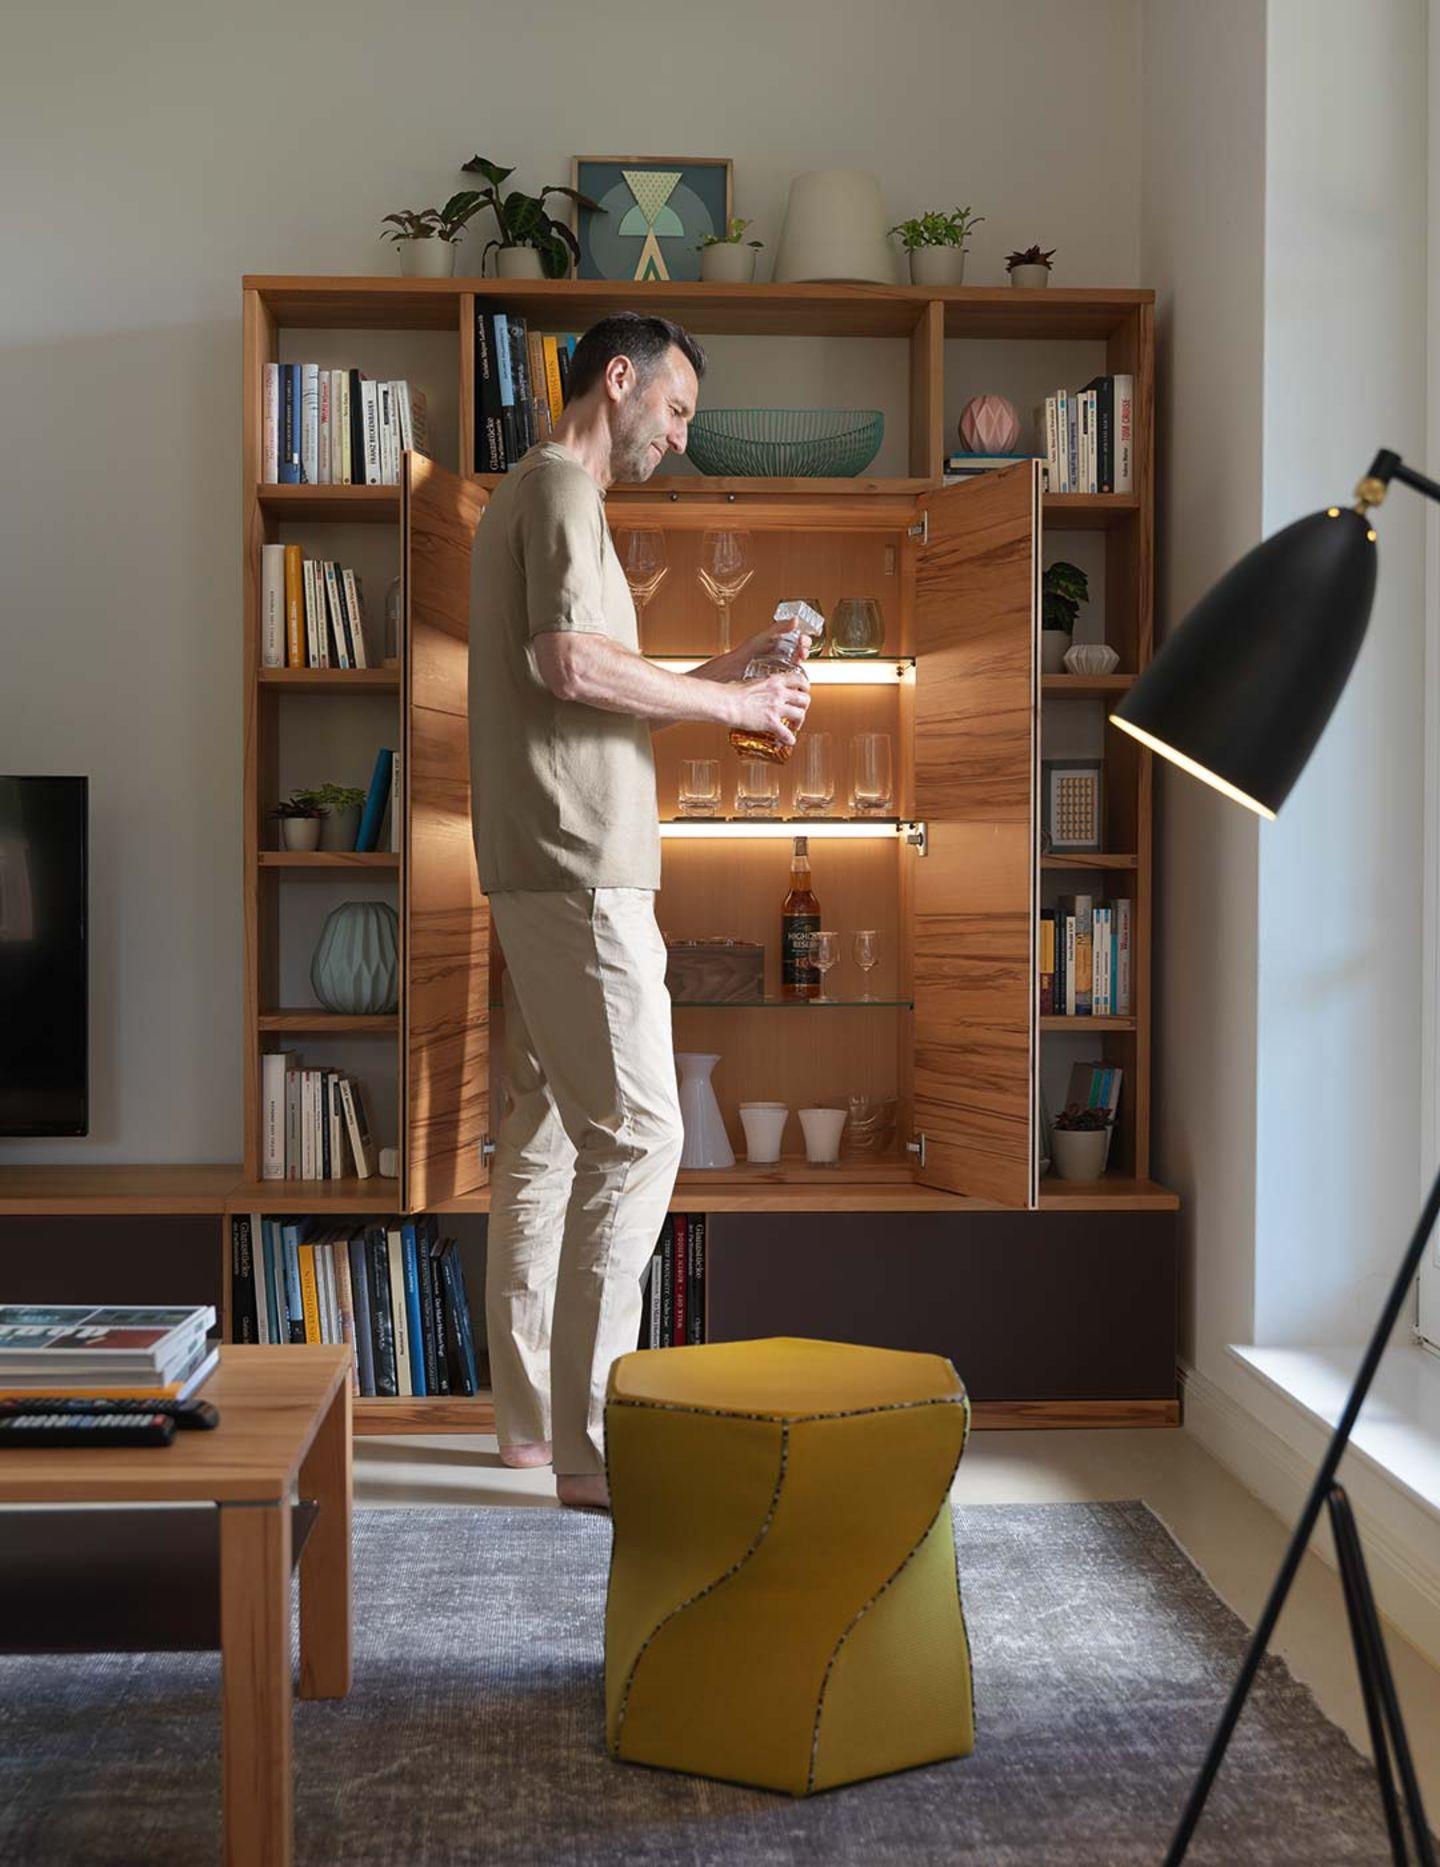 Paroi murale cubus en bois naturel avec étagère intégrée